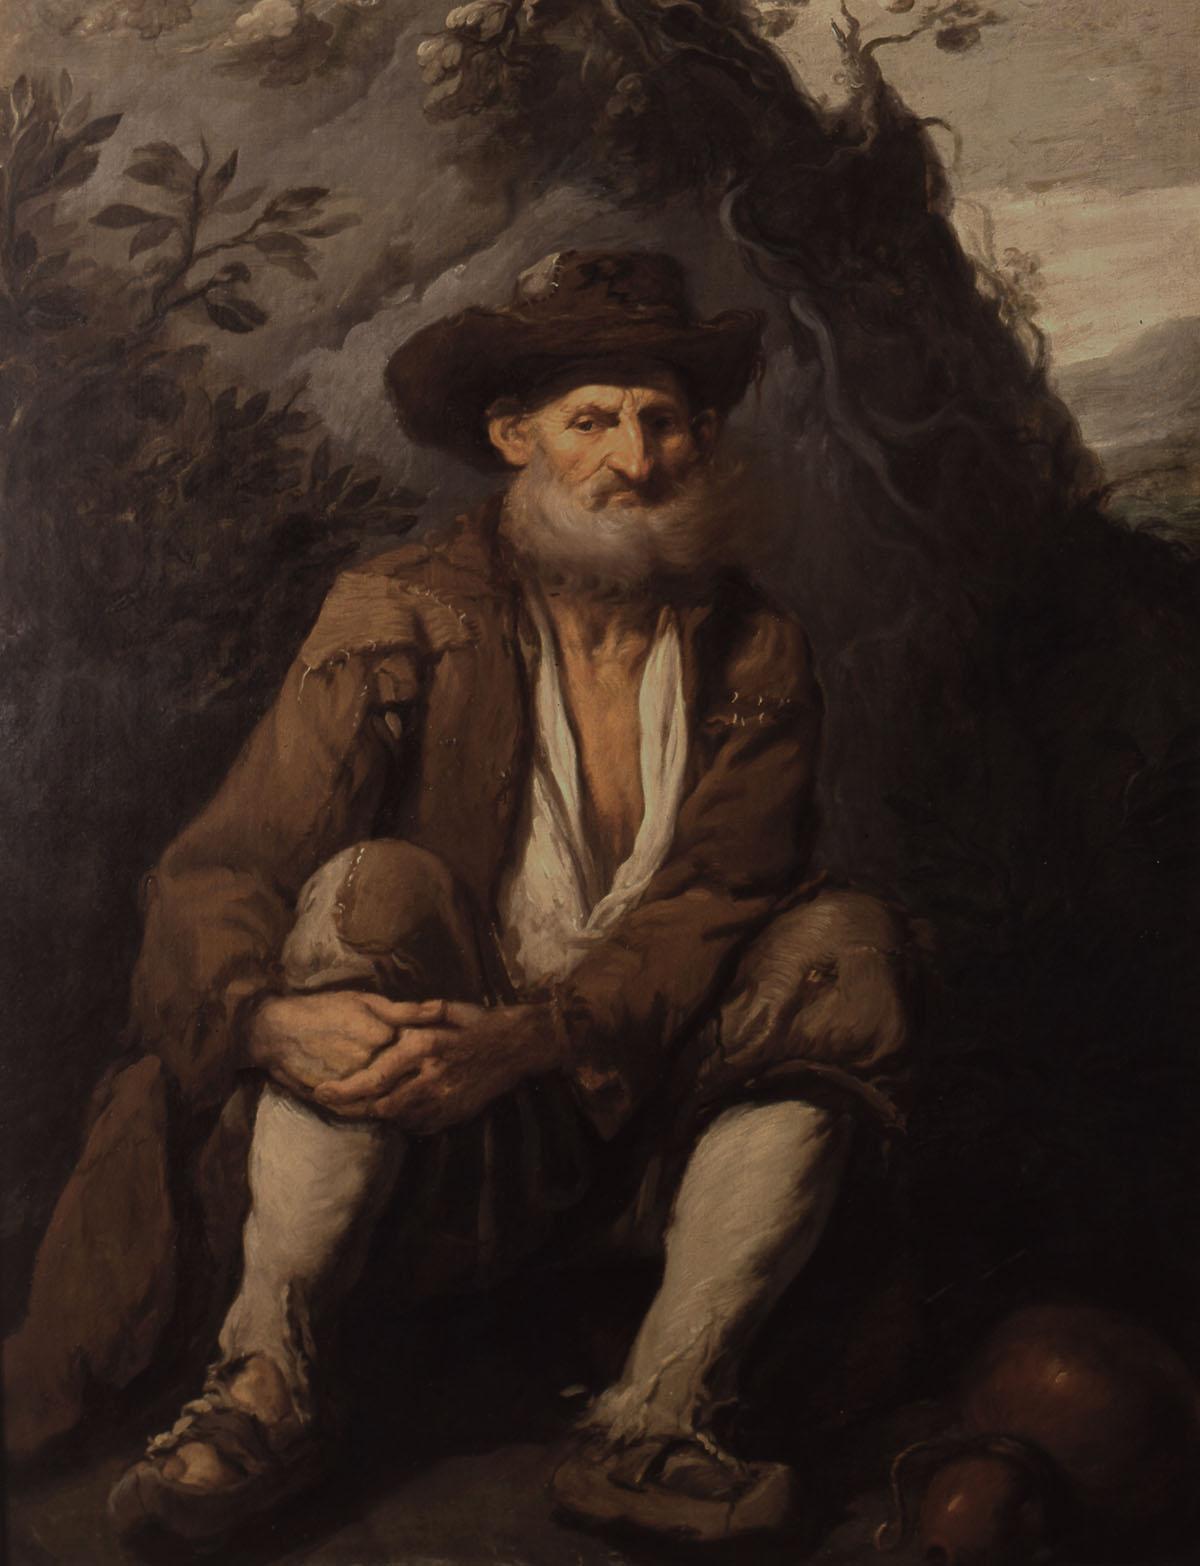 Giramondo - Antonio Carneo,1670